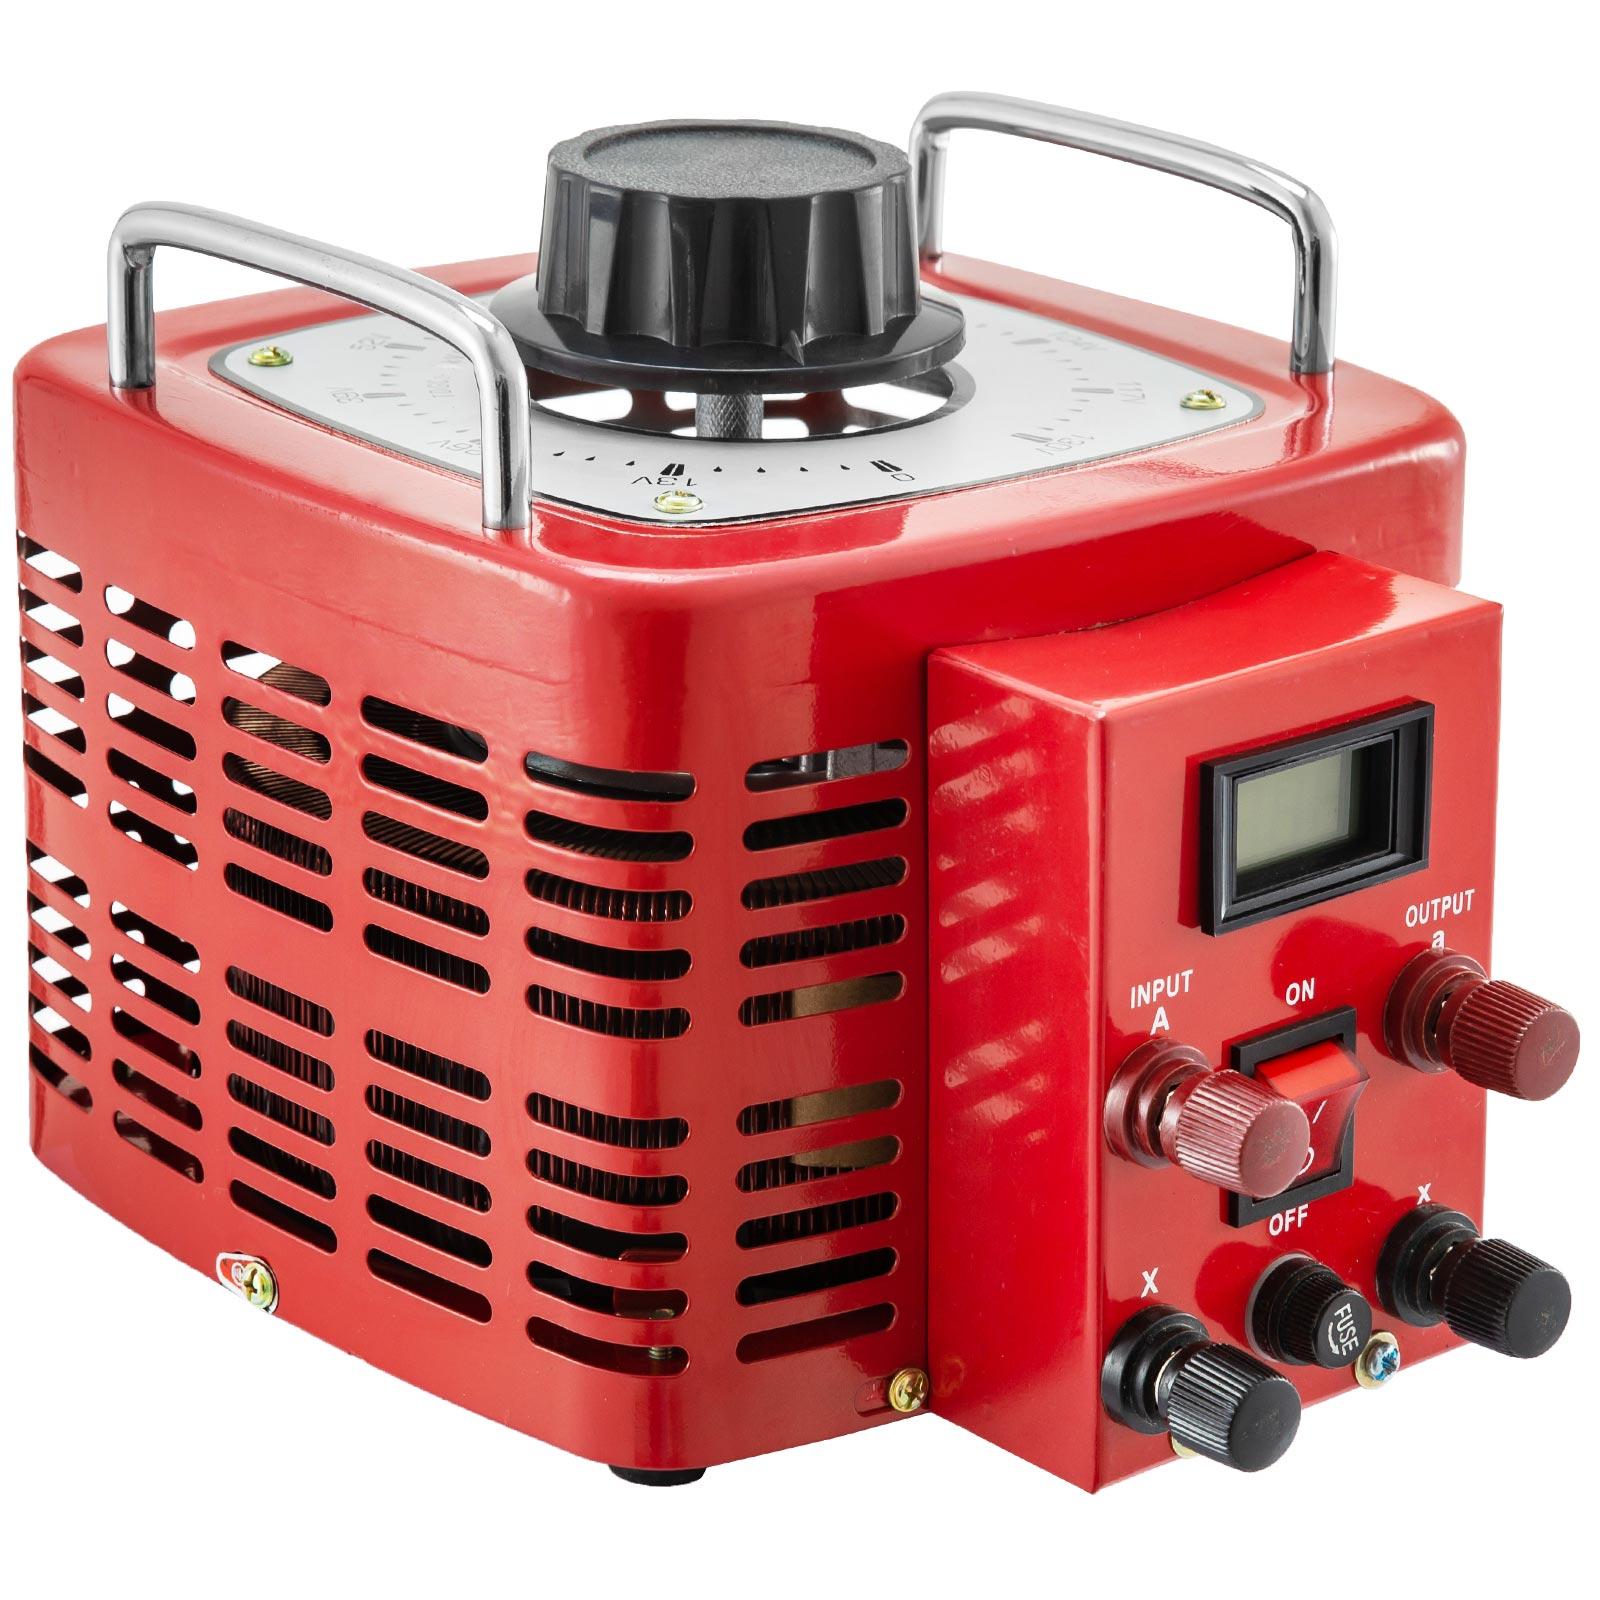 Variac-Variable-Transforme-0-5-1-2-3KVA-LCD-Single-Phase-Digital-Display-0-130V thumbnail 60